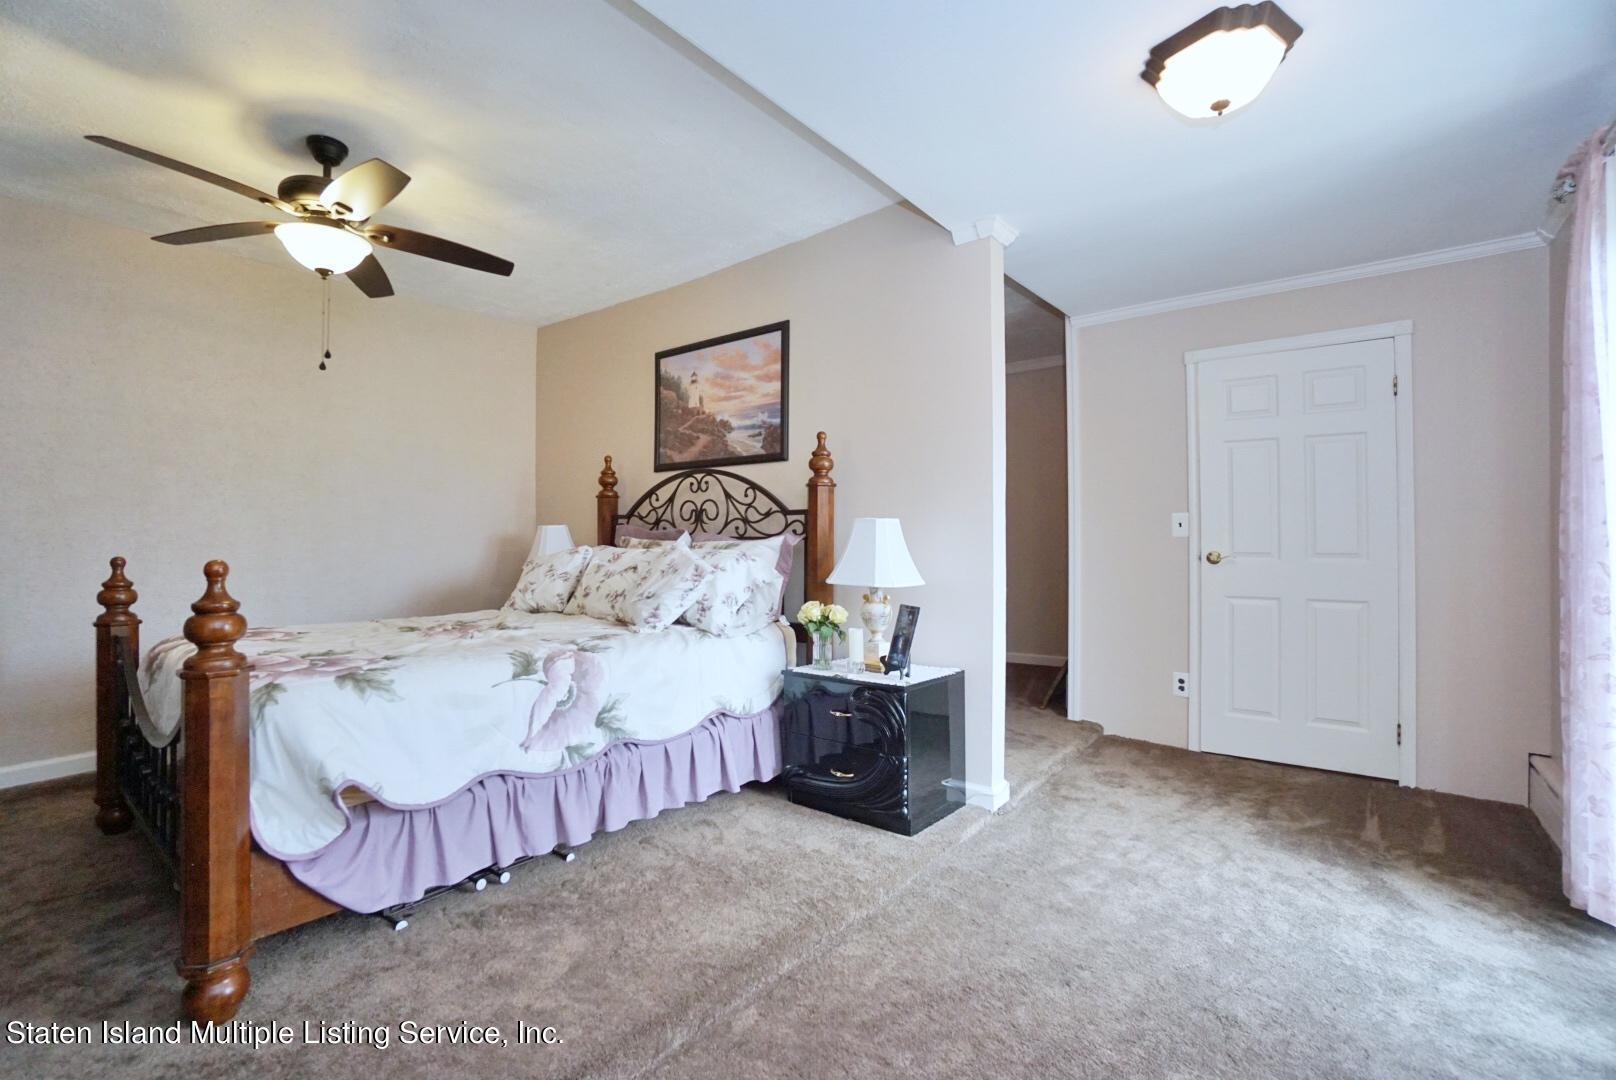 Single Family - Detached 226 Roma Avenue  Staten Island, NY 10306, MLS-1148579-44